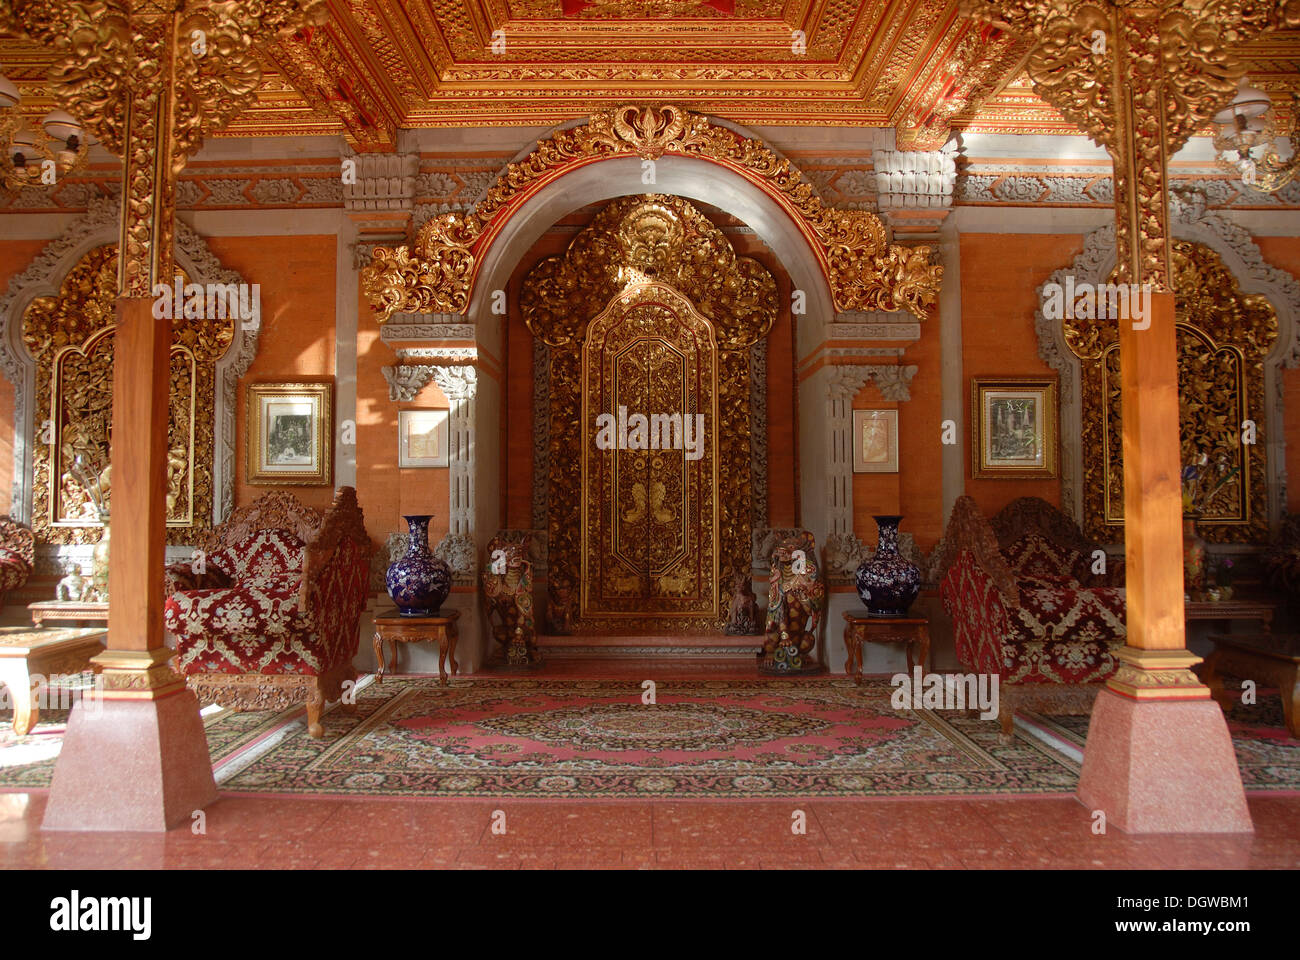 Royal Palace, Puri Saren Agung Palace, magnificent entrance hall with door, Ubud, Bali, Indonesia, Southeast Asia, Asia - Stock Image